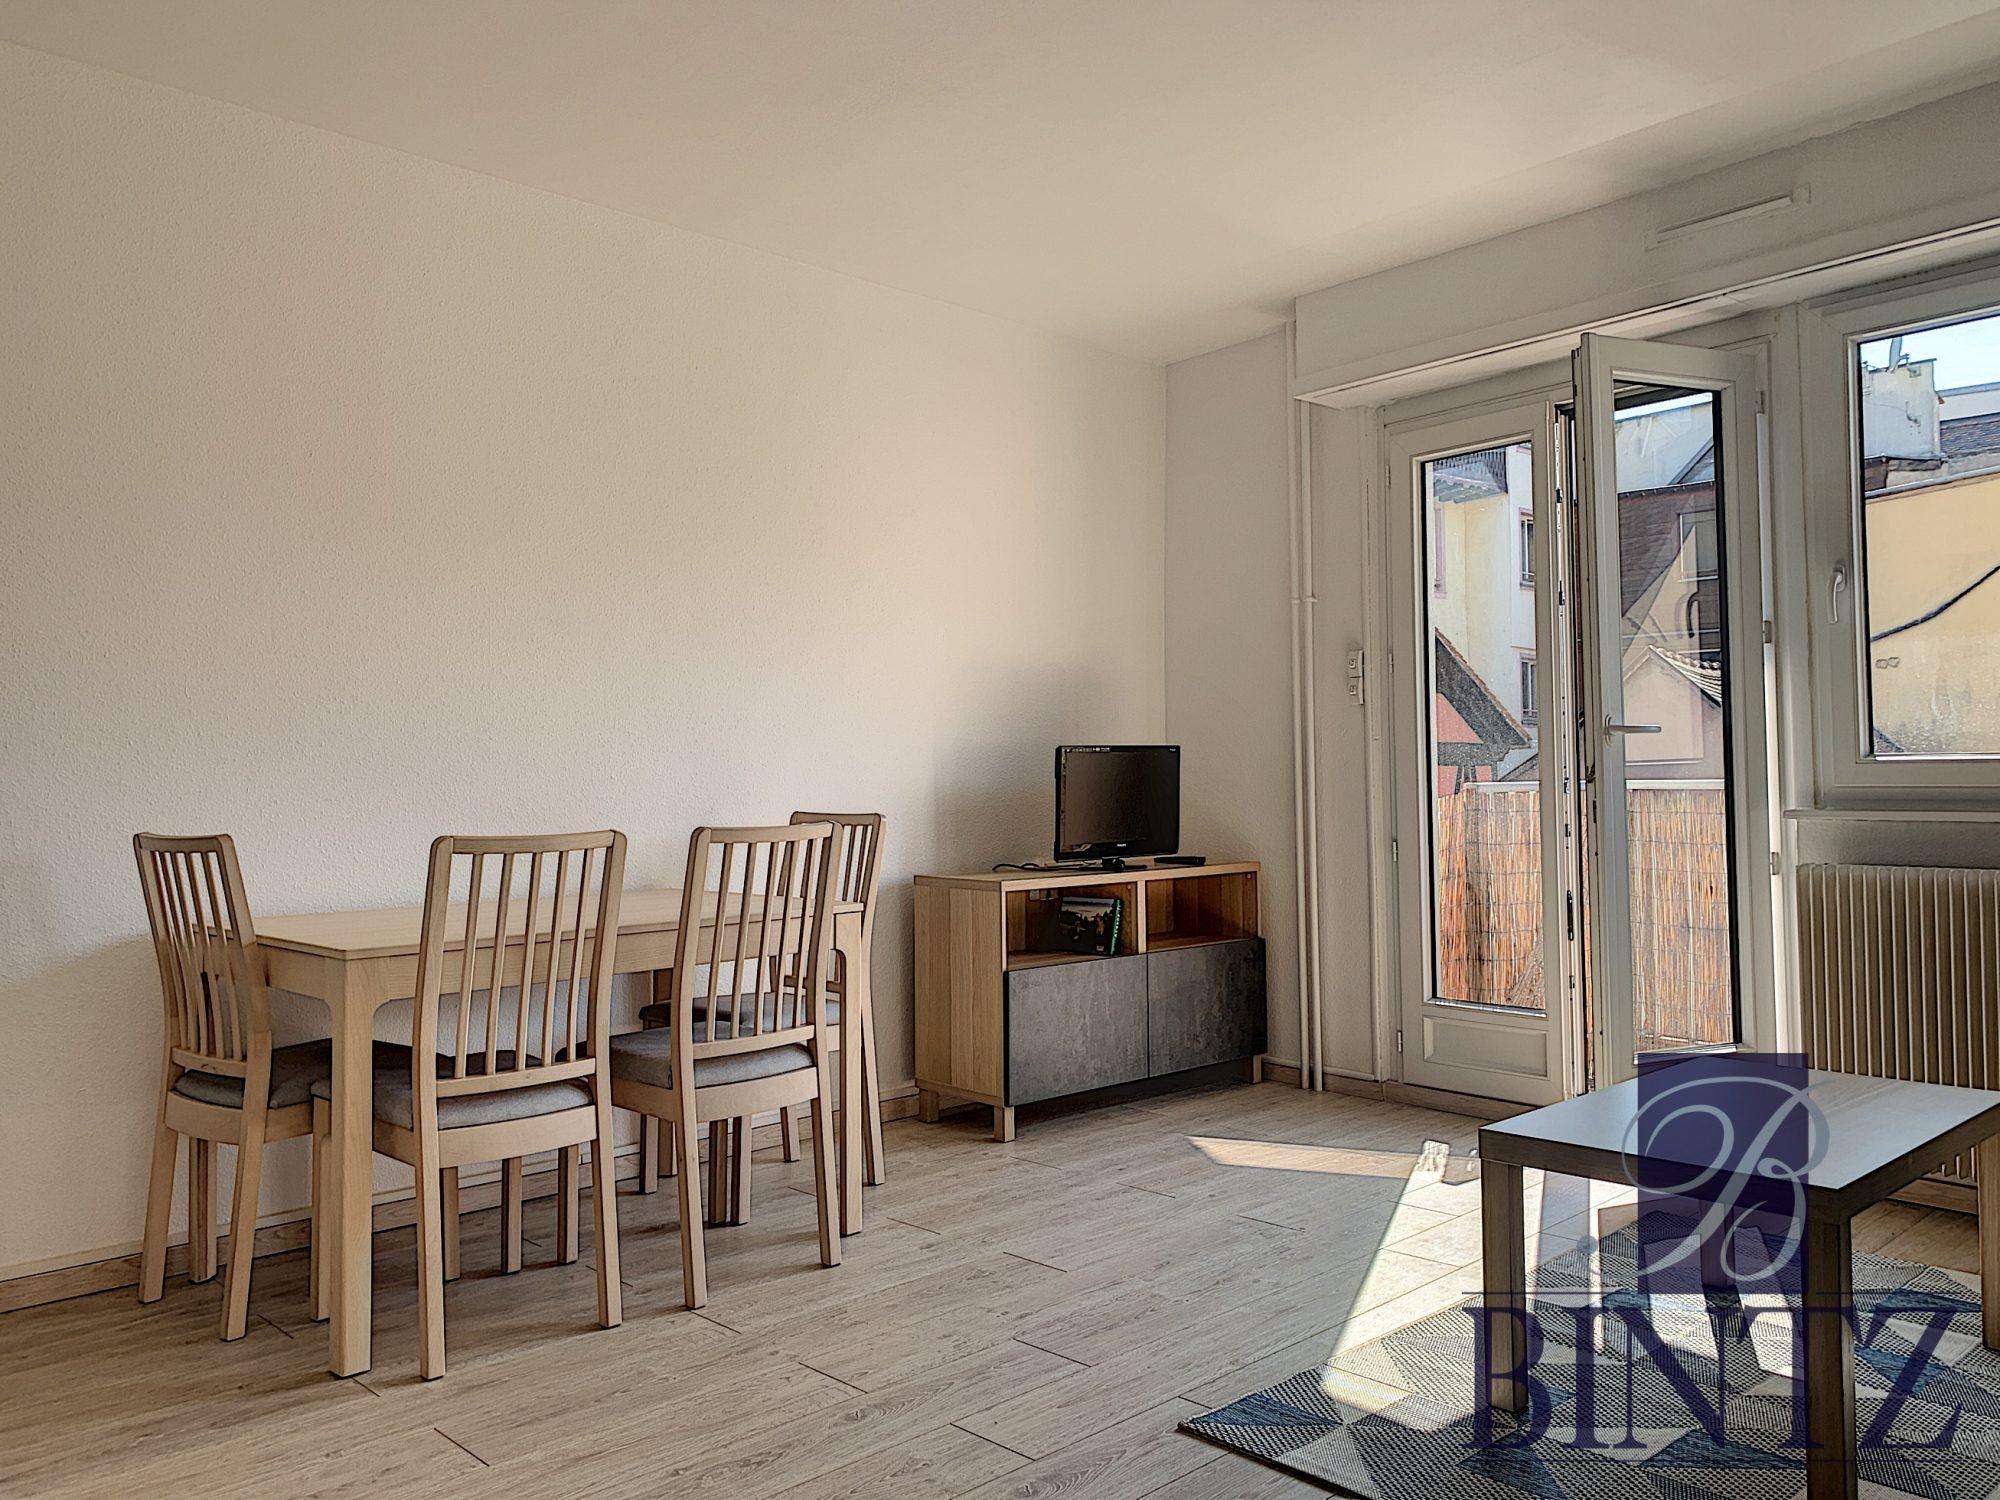 2 PIECES MEUBLE HYPER CENTRE - Devenez locataire en toute sérénité - Bintz Immobilier - 4